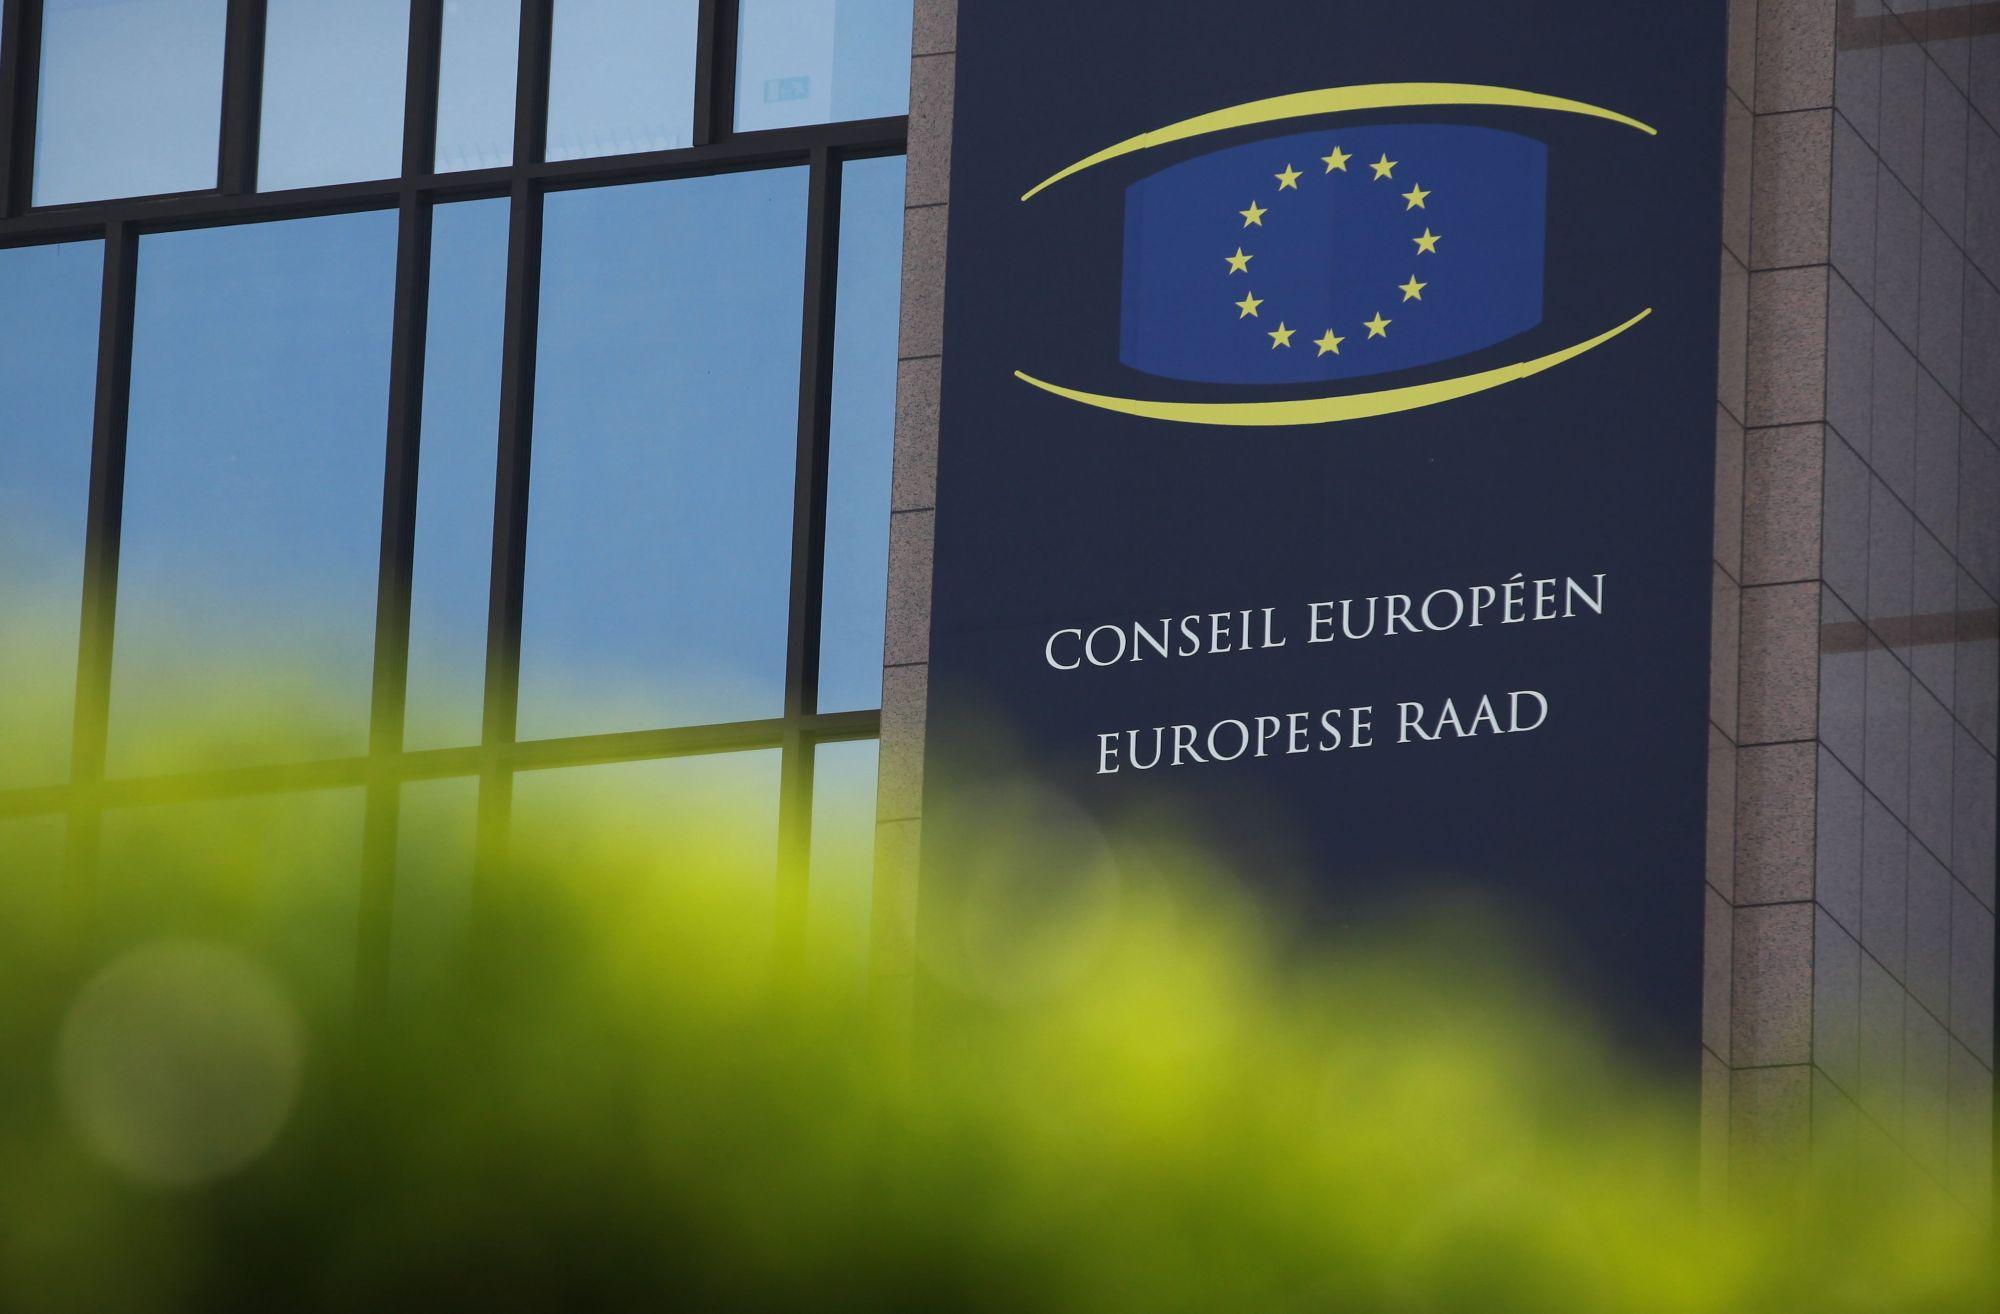 Влизането ни в Шенген отпадна от дневния ред на Съвета на ЕС